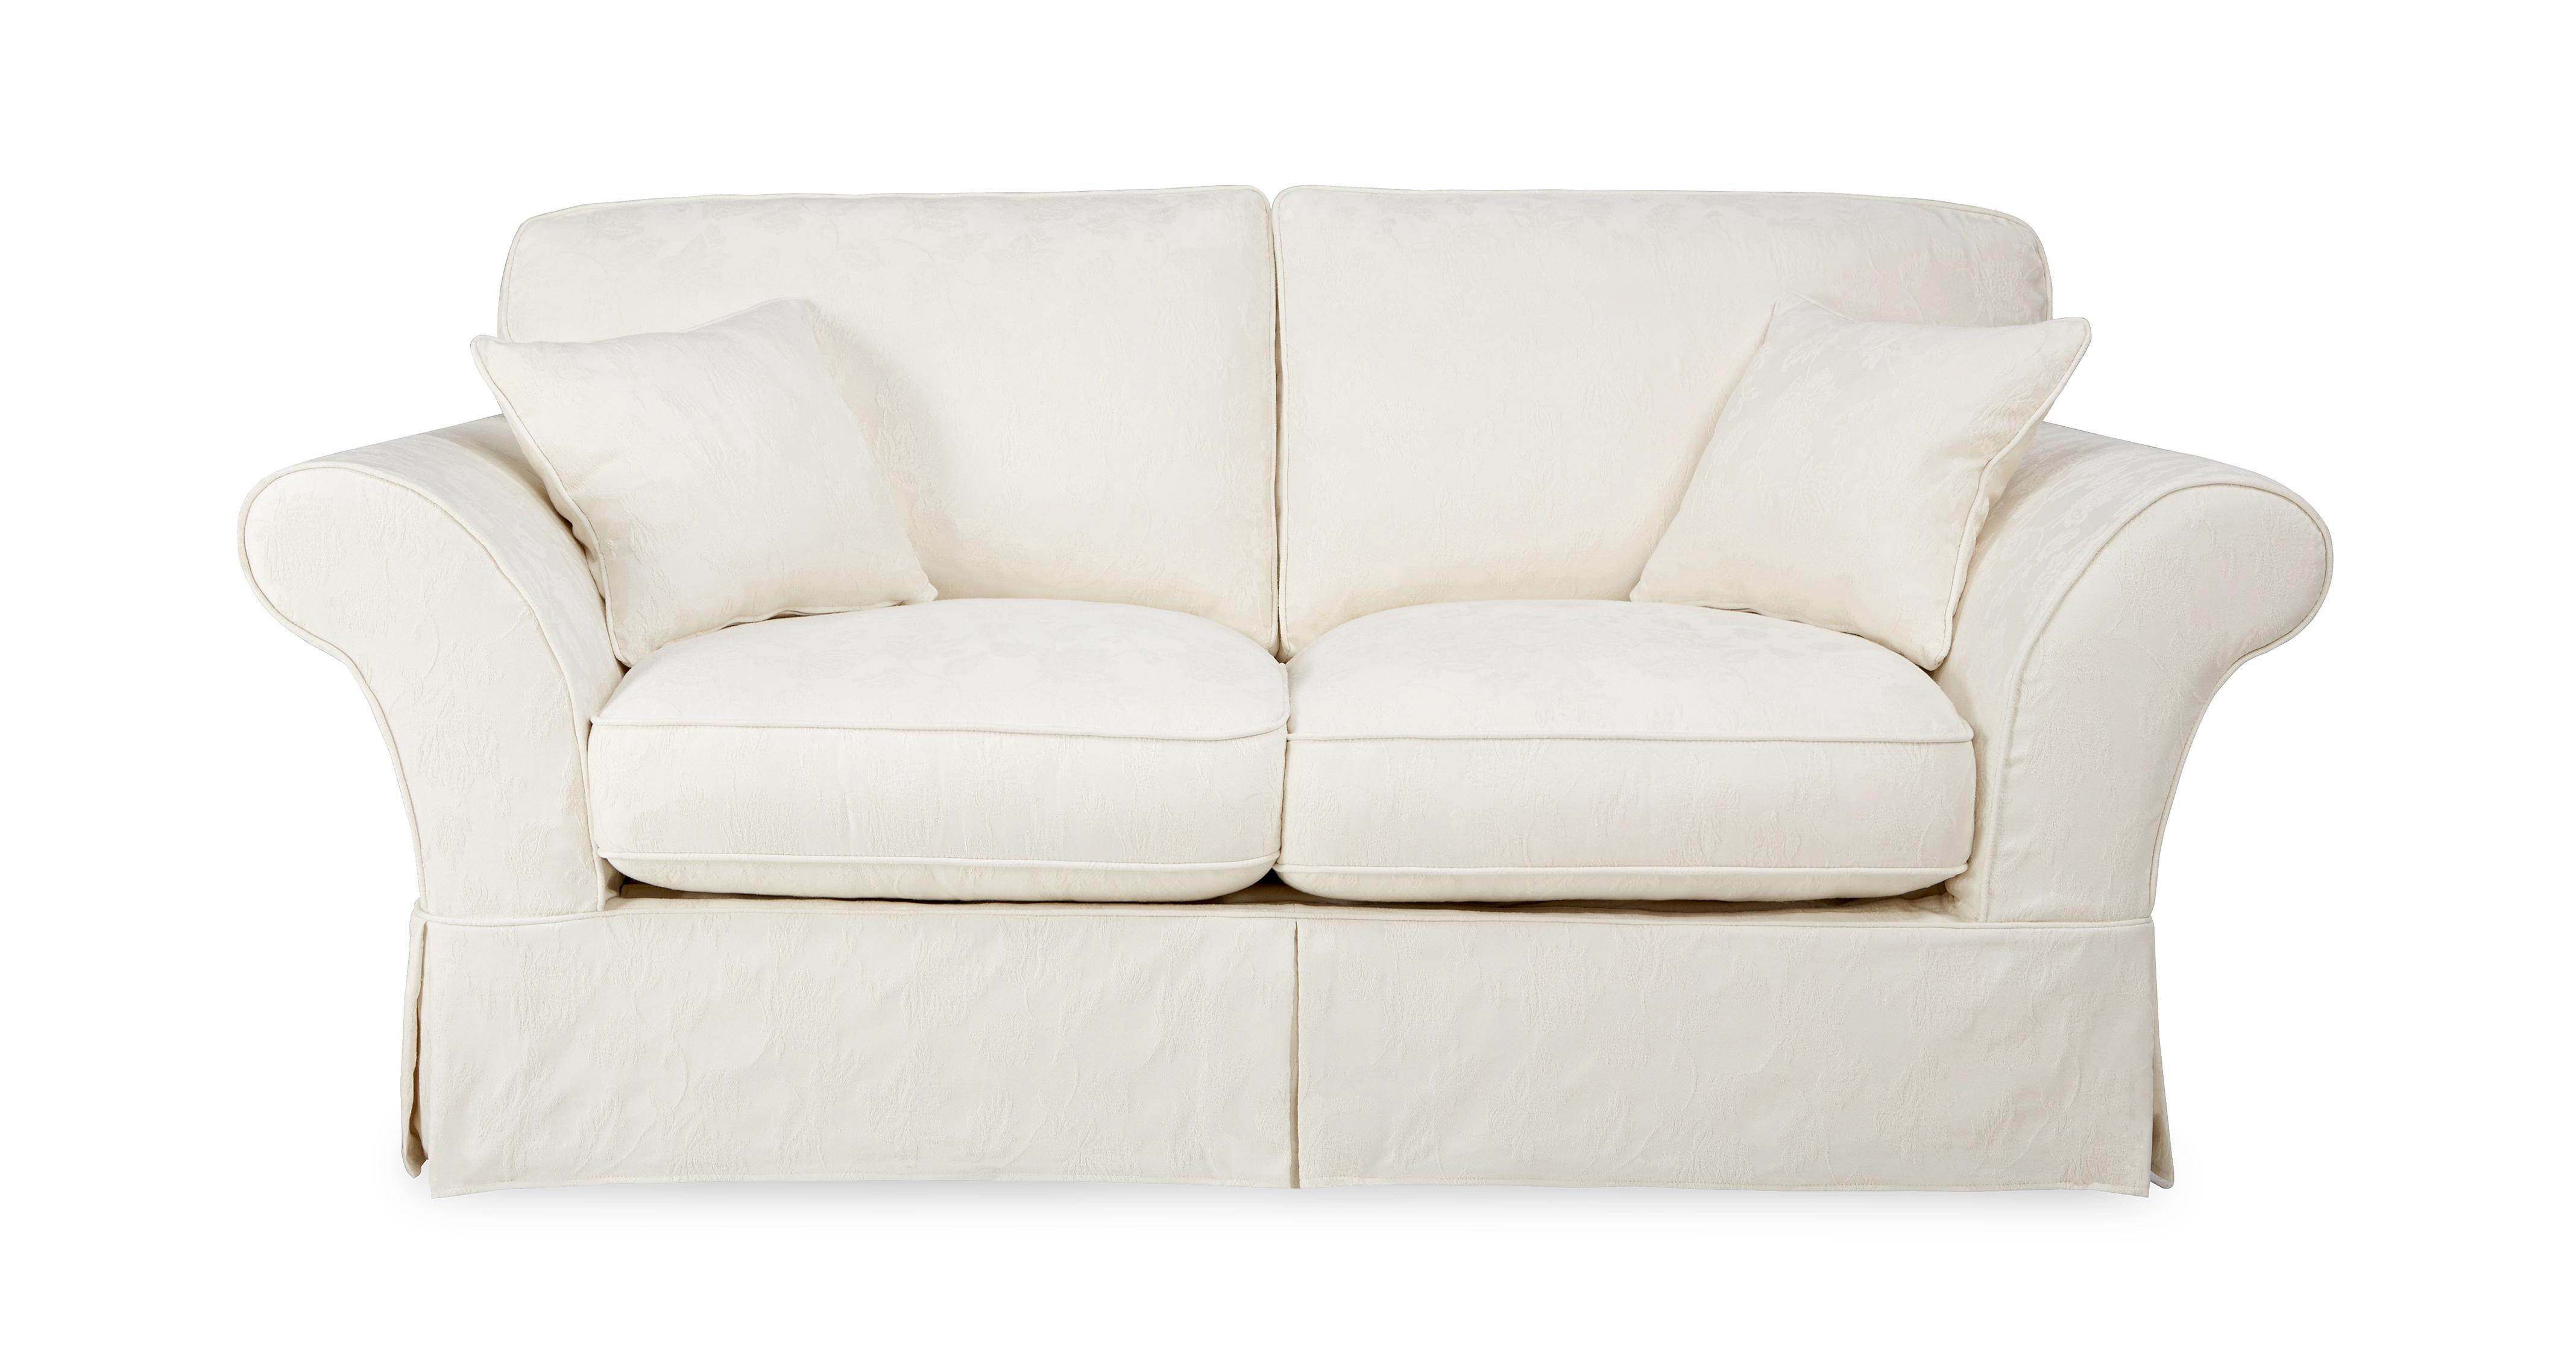 rosa 2 seater formal back sofa dfs. Black Bedroom Furniture Sets. Home Design Ideas